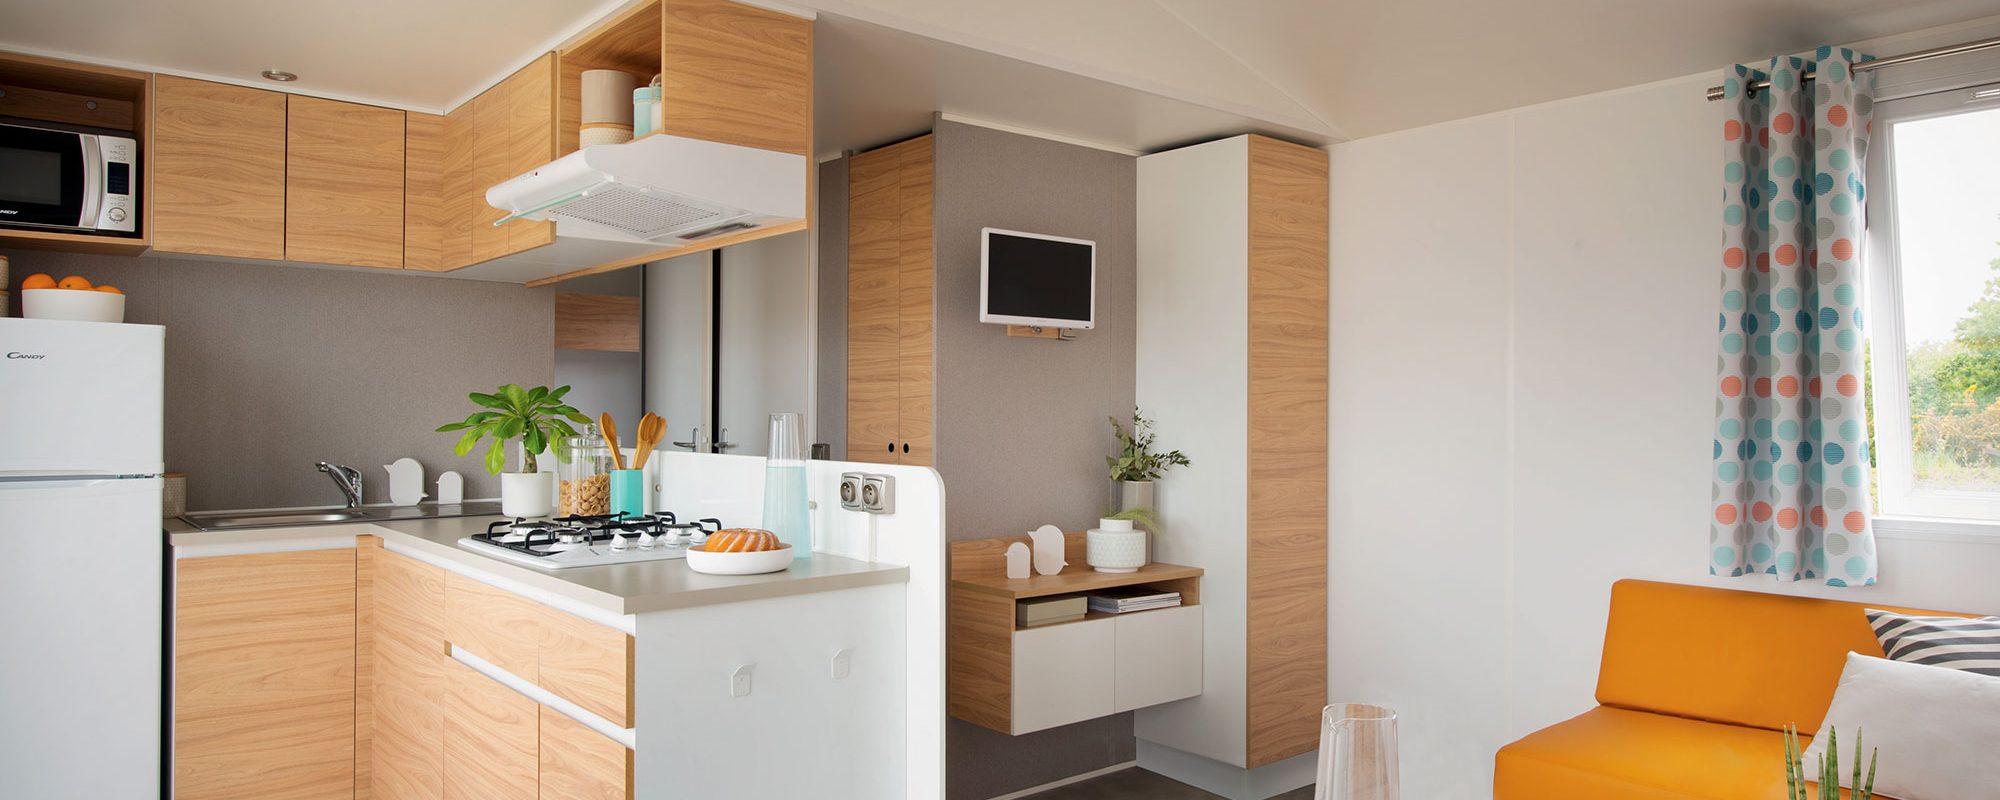 Location de mobilhome xxl évasion Loire Atlantique : cuisine